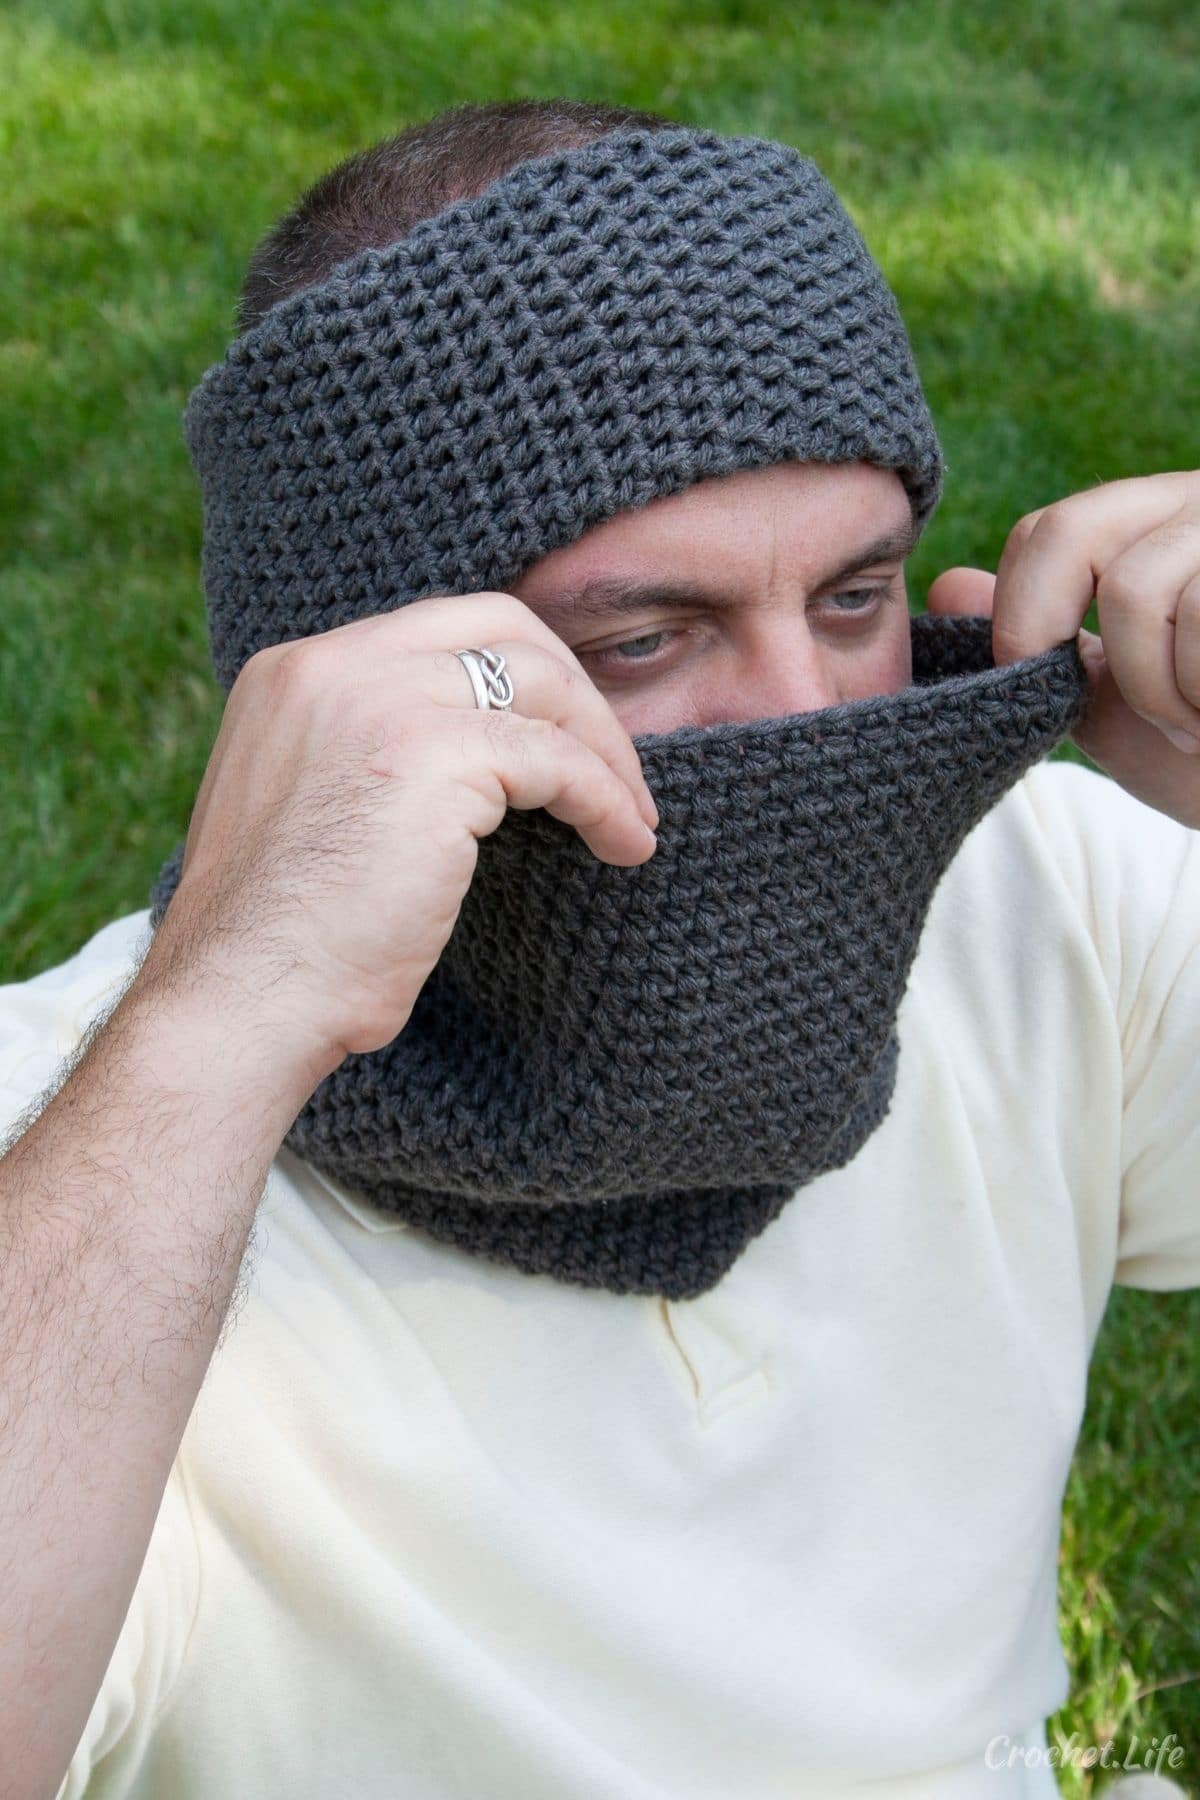 Man wearing white shirt with dark gray cowl and headband